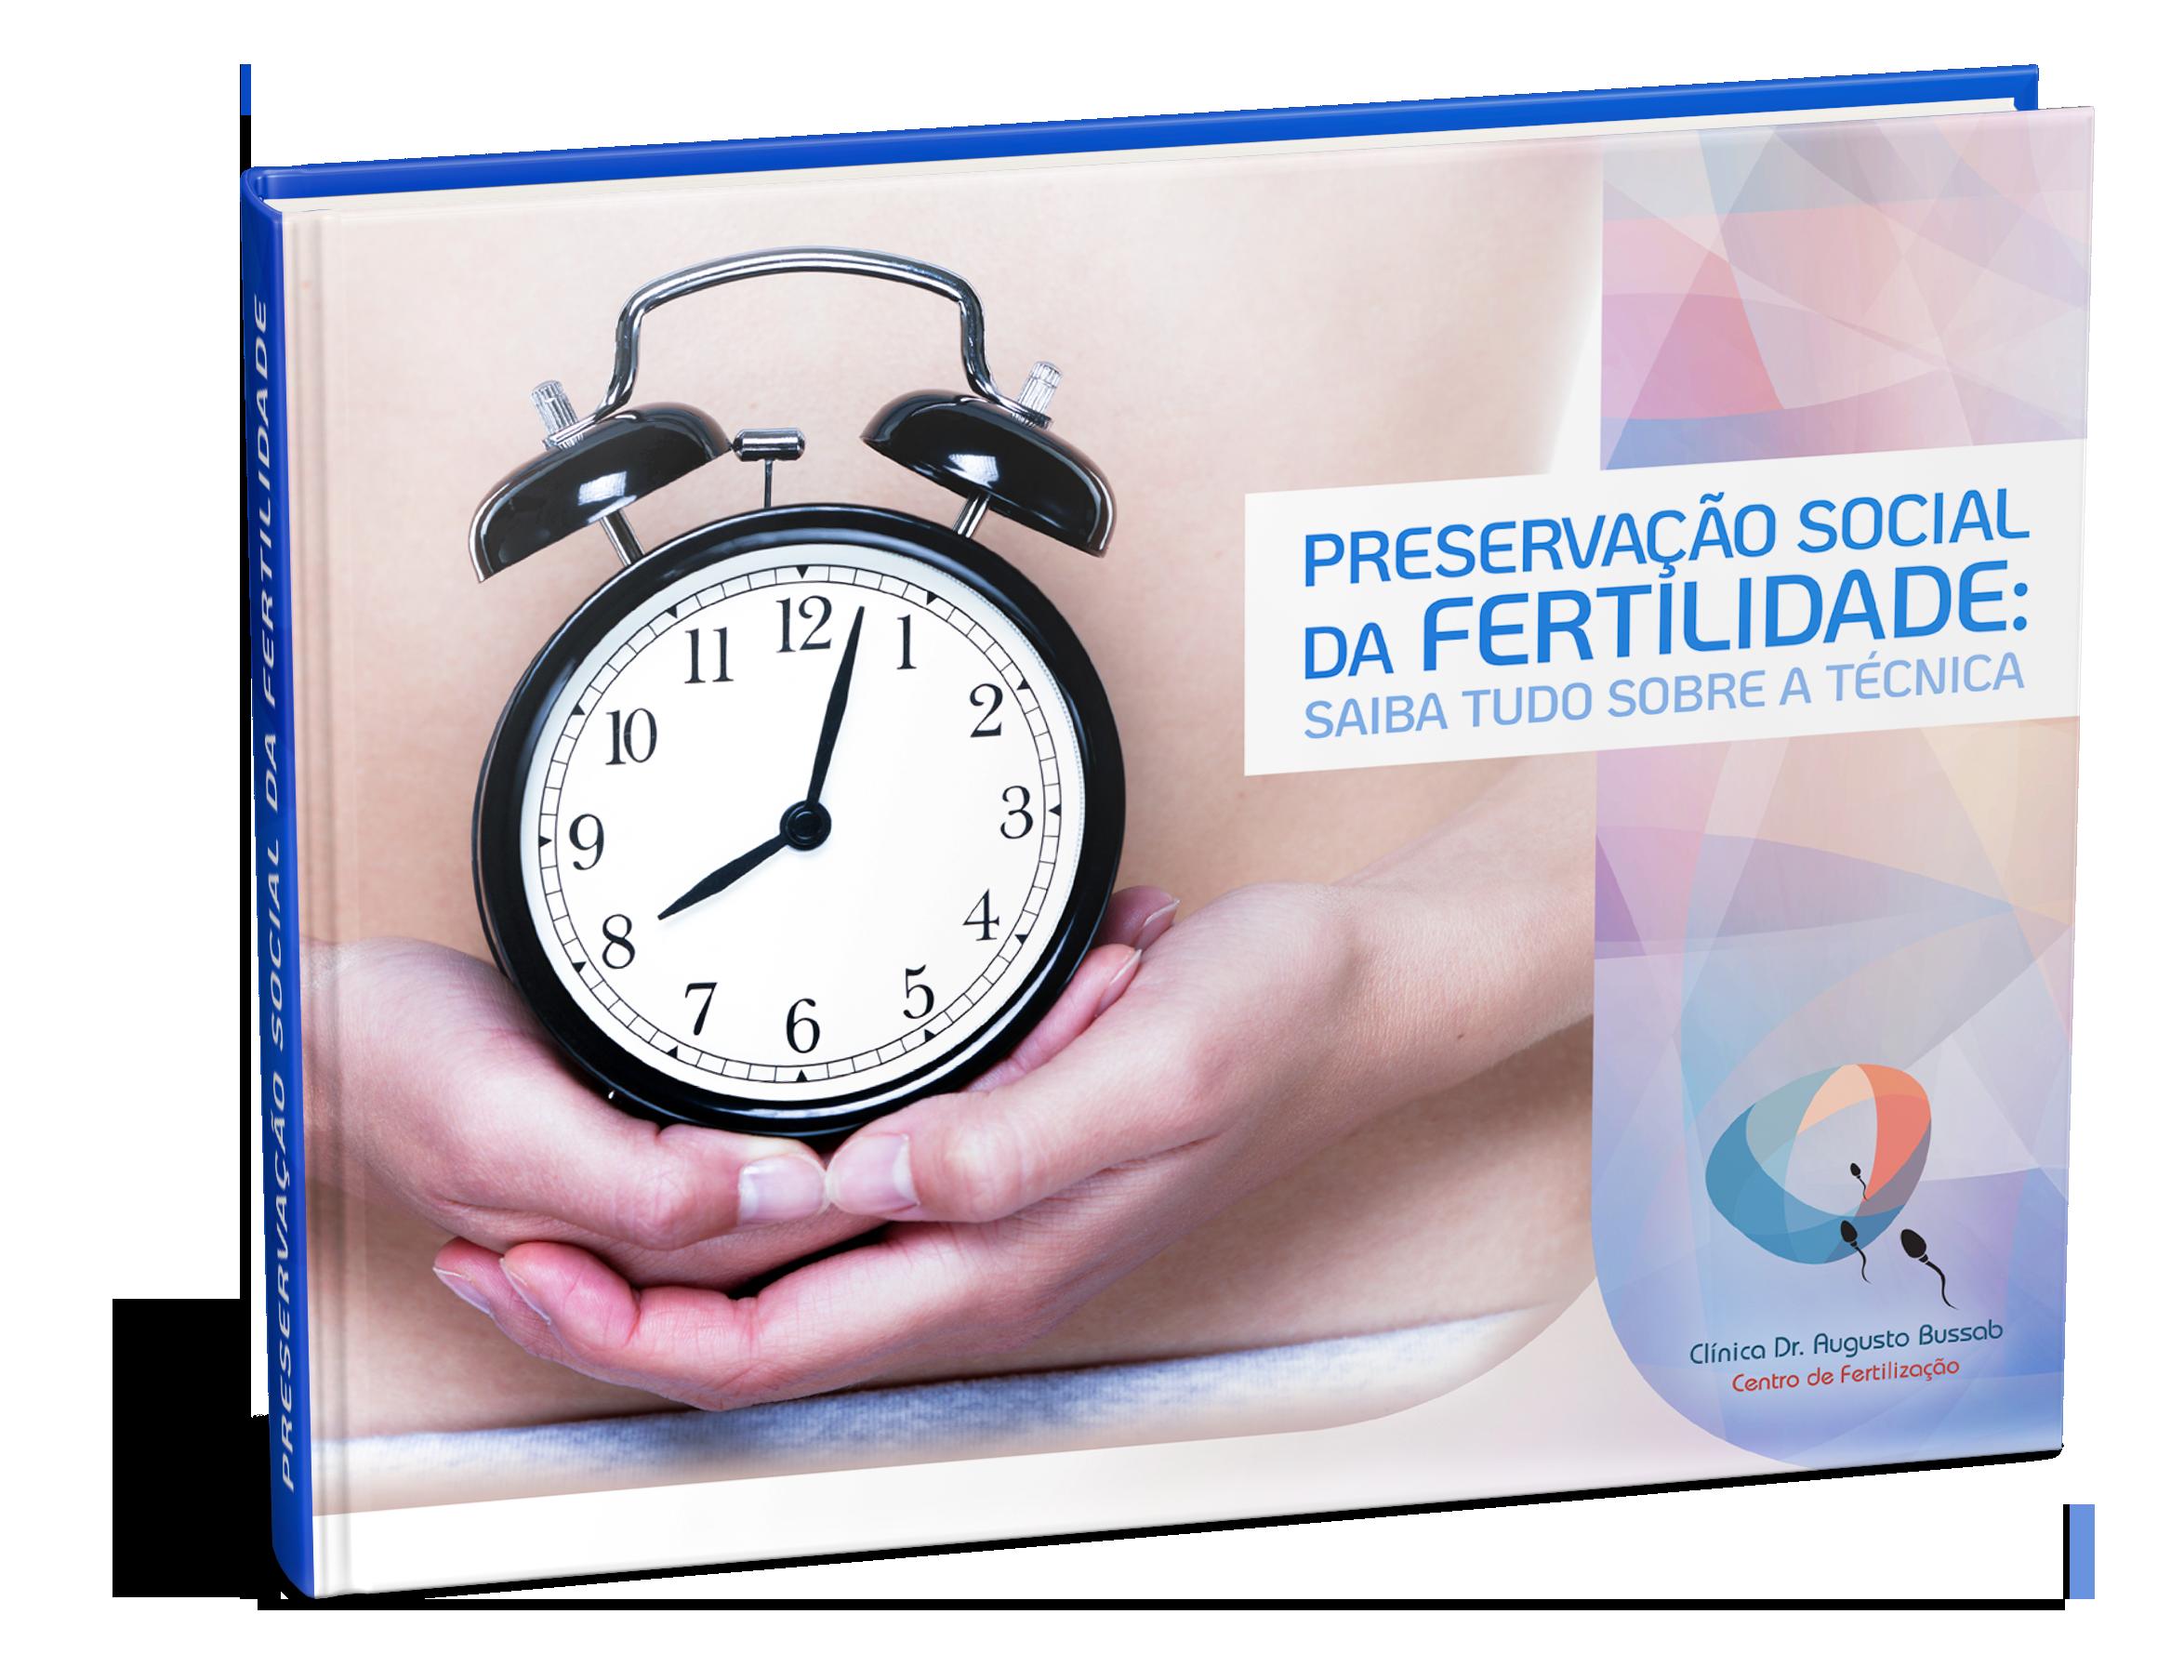 E-book | Preservação Social da Fertilidade: Saiba tudo sobre a técnica | Dr. Augusto Bussab